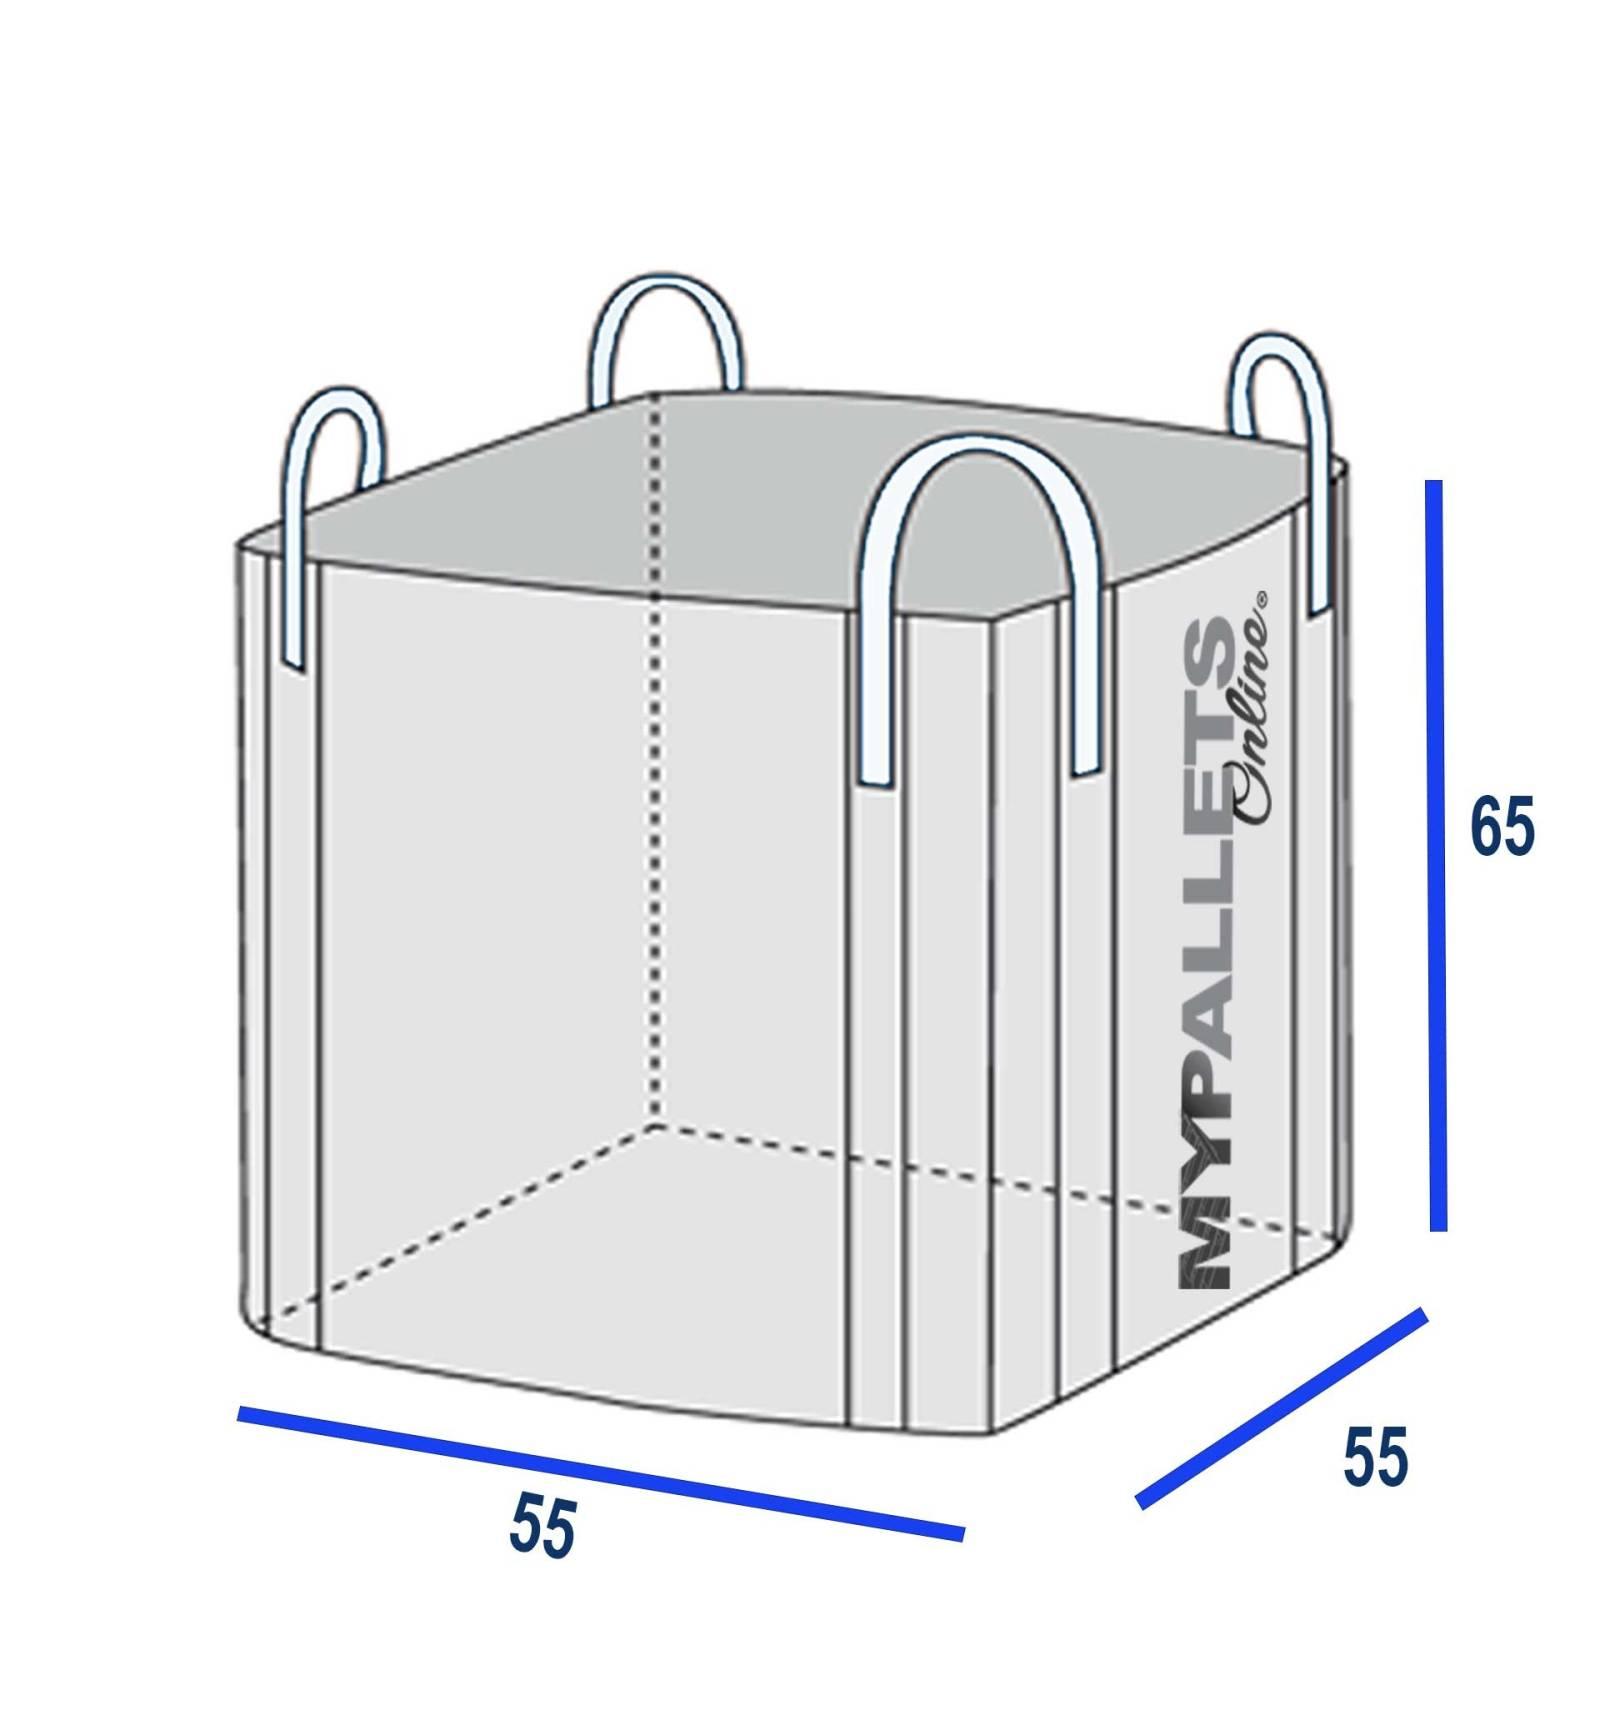 big bag 55 x 55 x 65 0 5 ton 0 25 m3. Black Bedroom Furniture Sets. Home Design Ideas